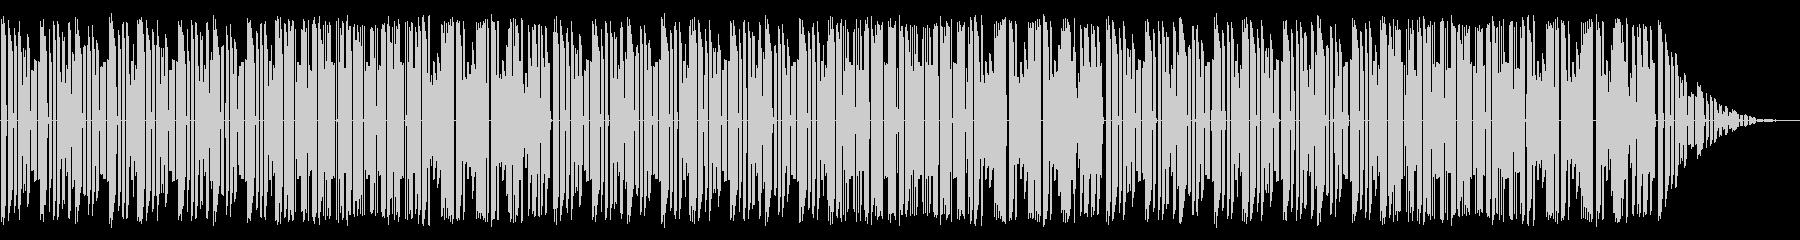 NES 汎用 C05-1(ステージ4) の未再生の波形